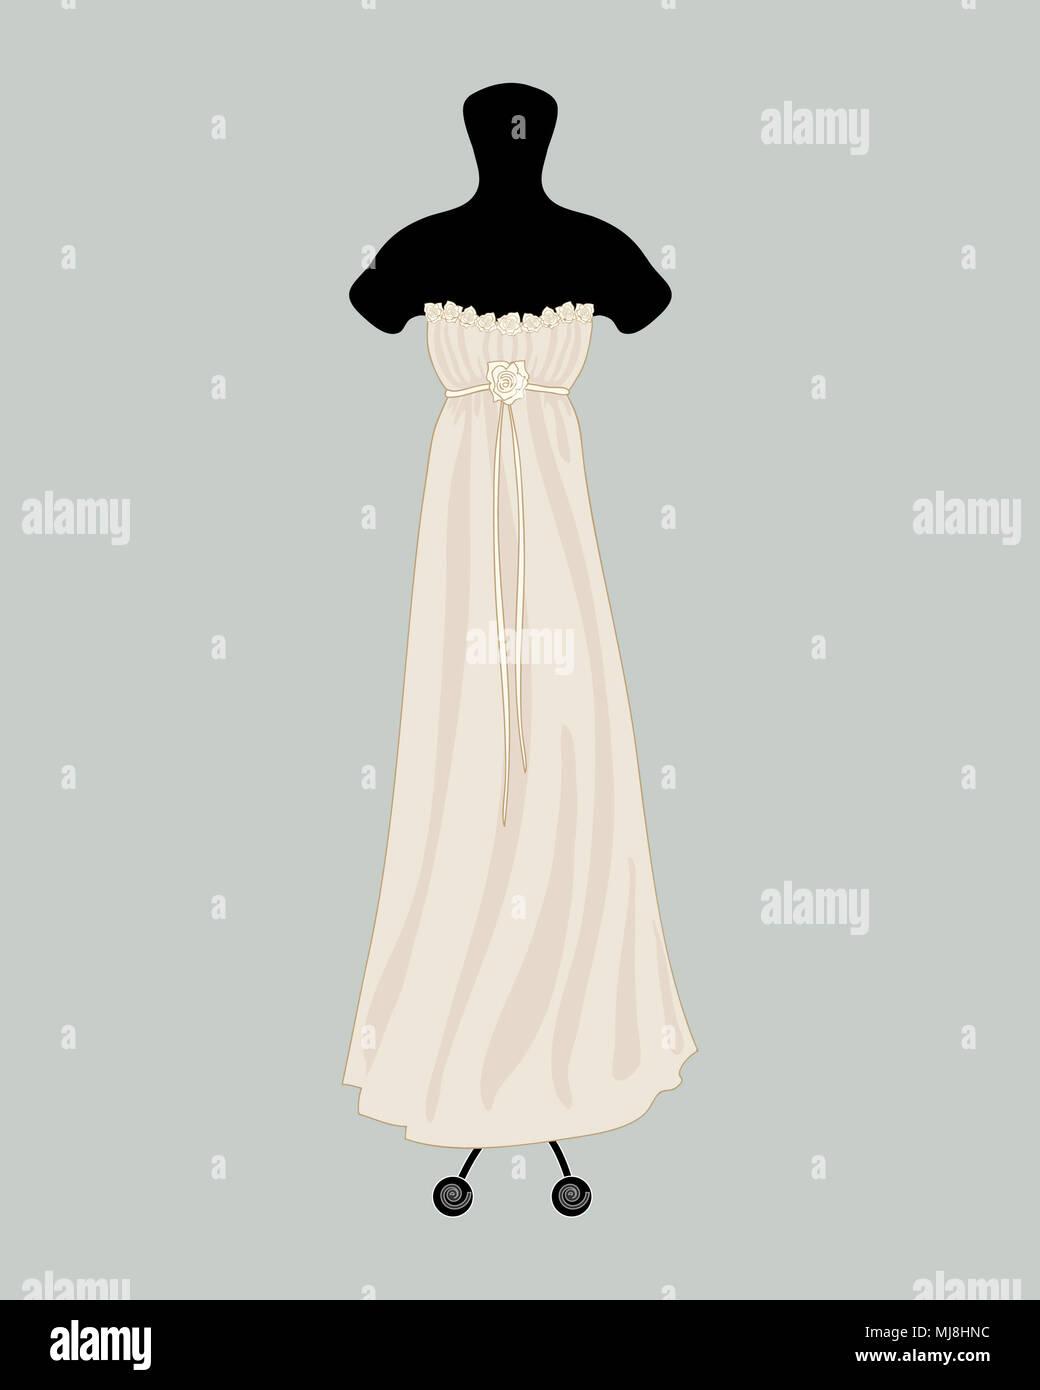 Una illustrazione di un designer di Bellissimo abito da sposa in un elegante stile greco con decorazione di rose un d ruching su un vintage sfondo blu Immagini Stock